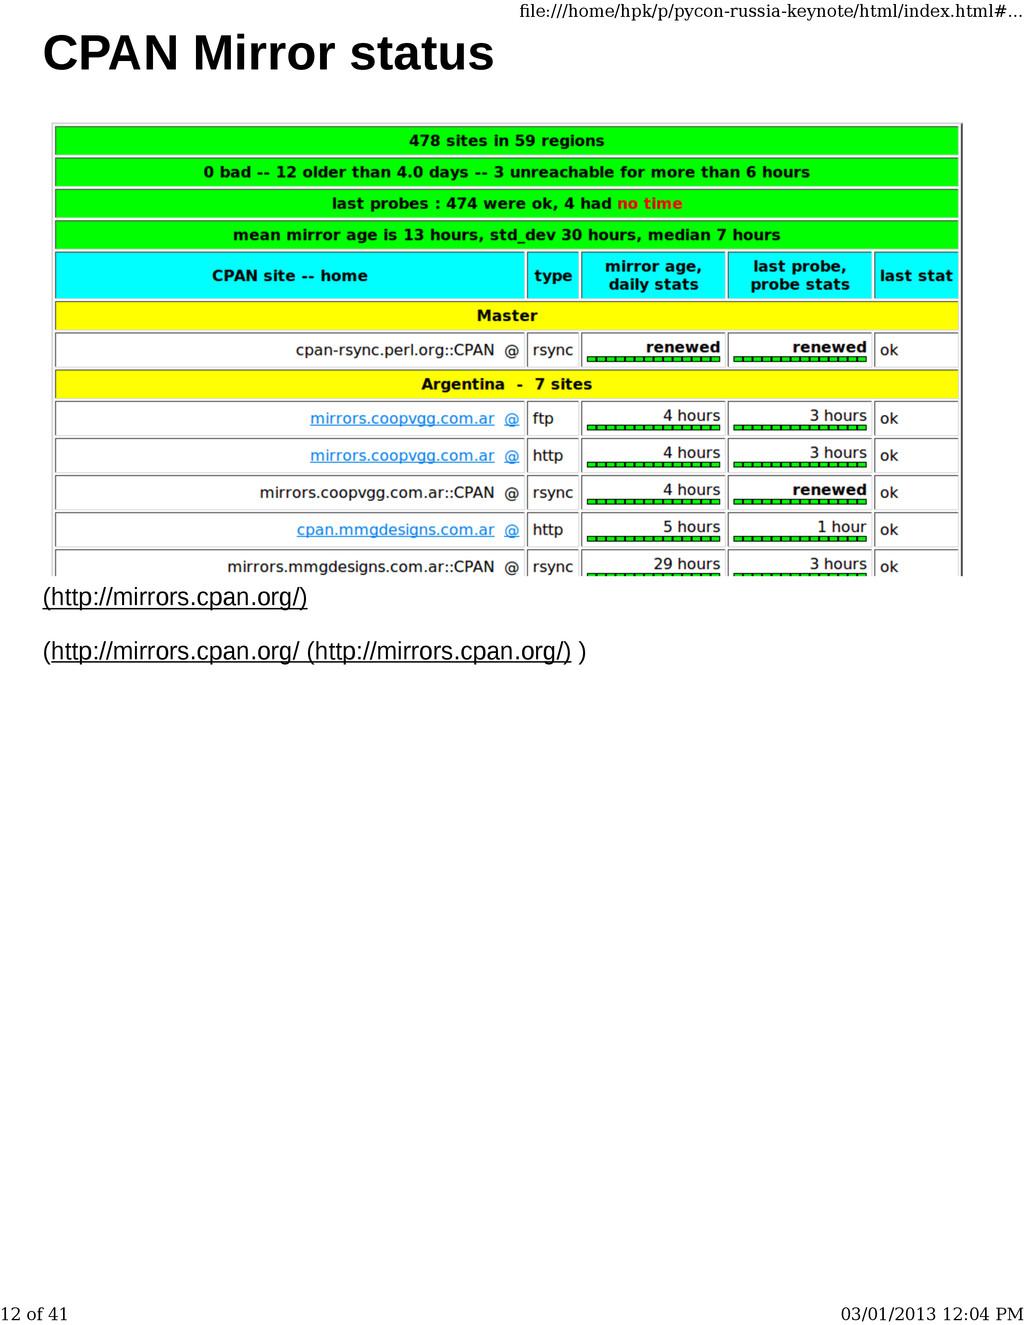 CPAN Mirror status (http://mirrors.cpan.org/) (...